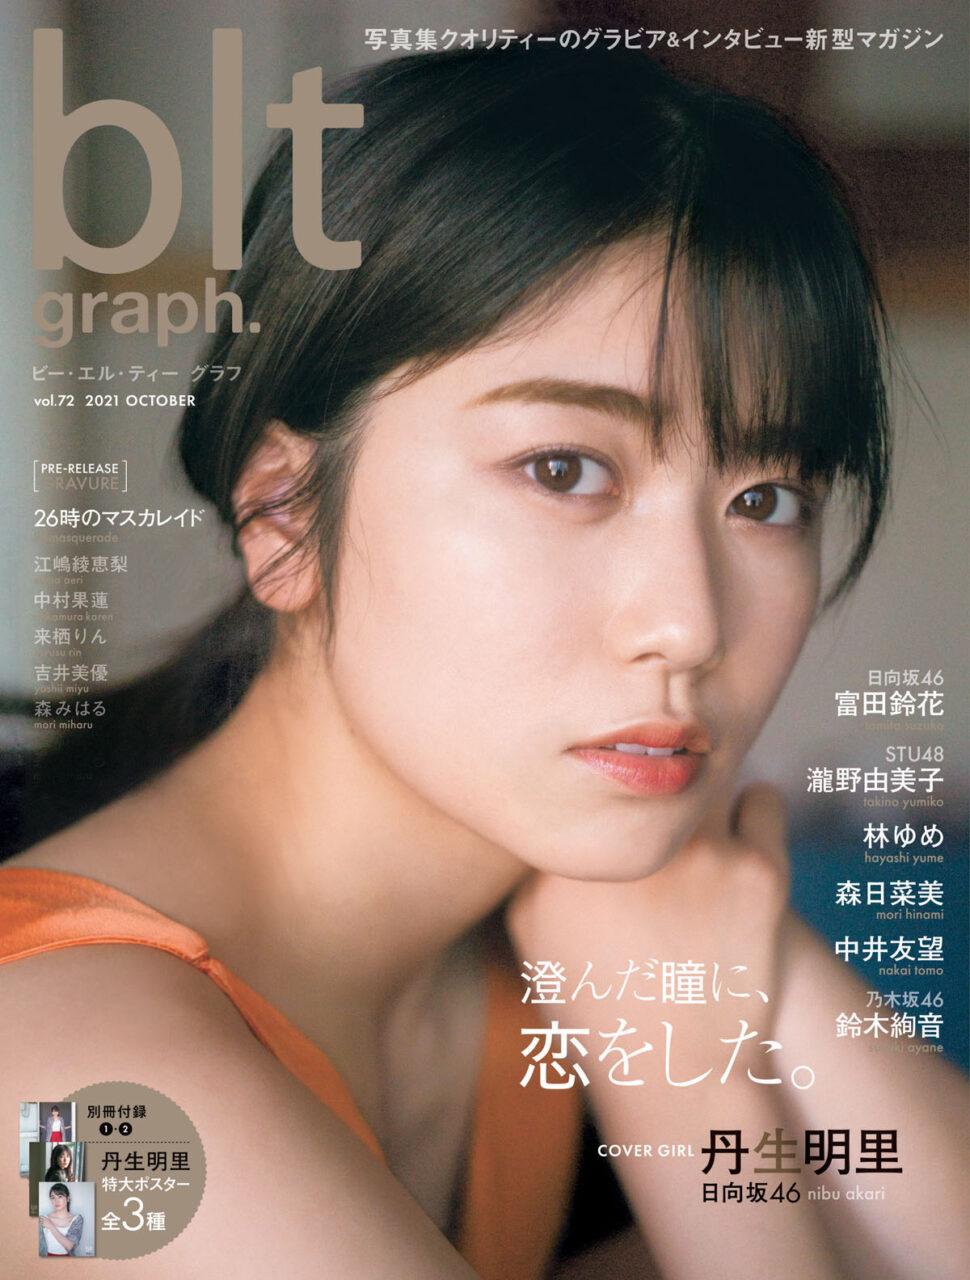 日向坂46 丹生明里「blt graph. vol.72」表紙解禁!10/15発売!